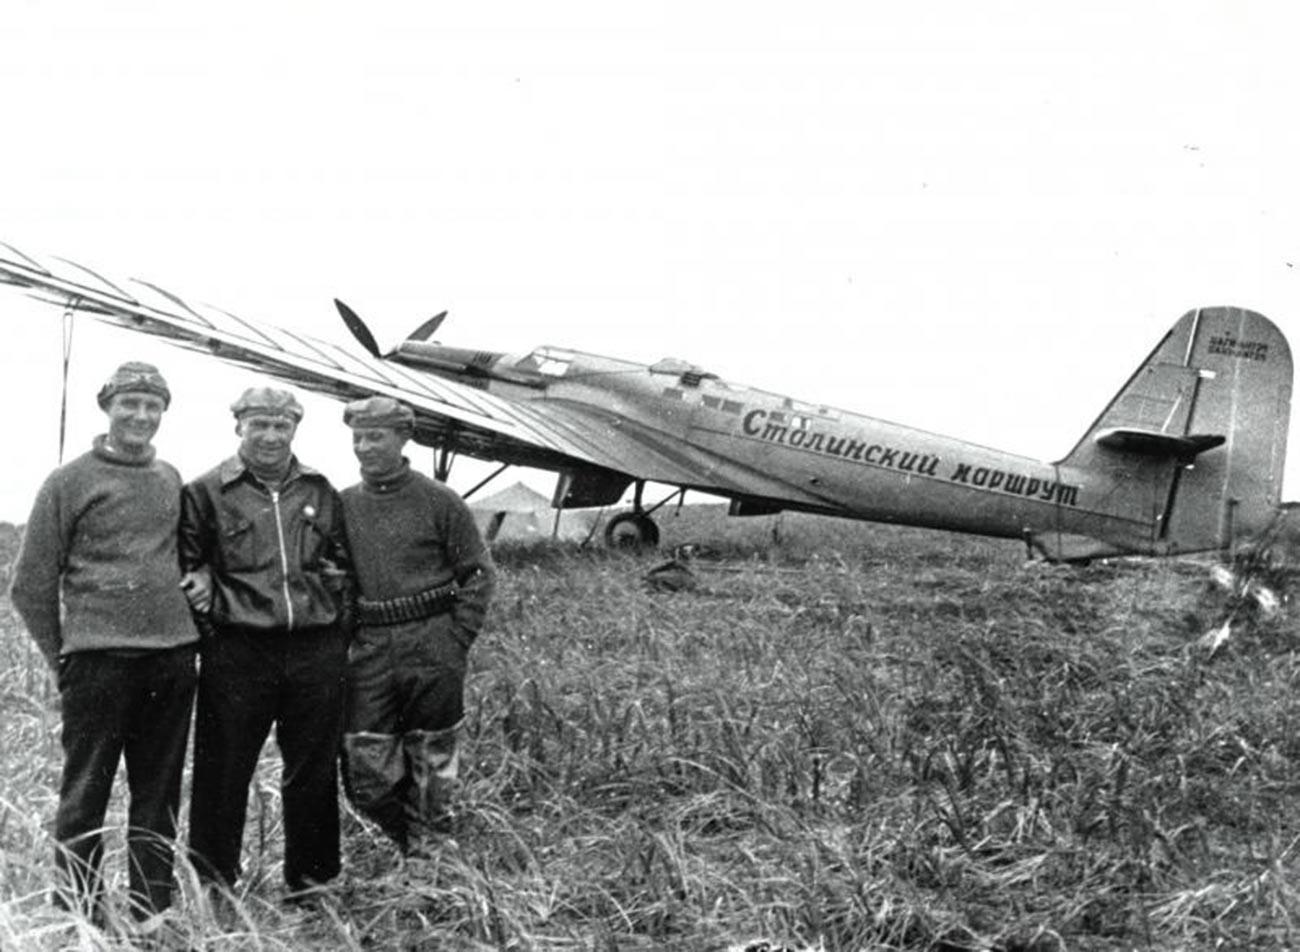 Александр Бељаков, Валериј Чкалов и Георгиј Бајдуков на острву Удд